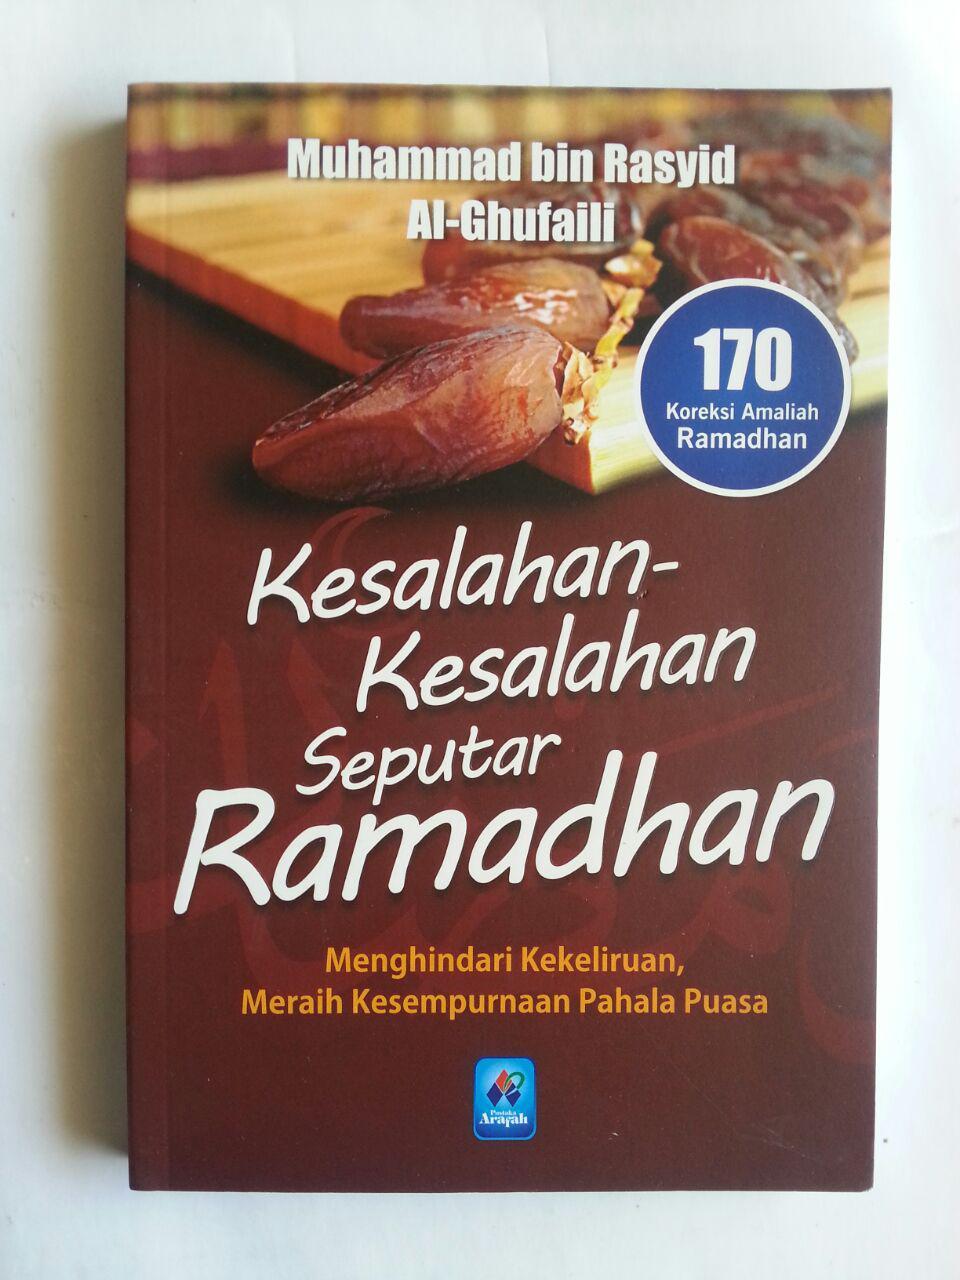 Buku Kesalahan-Kesalahan Seputar Ramadhan 170 Koreksi cover 2